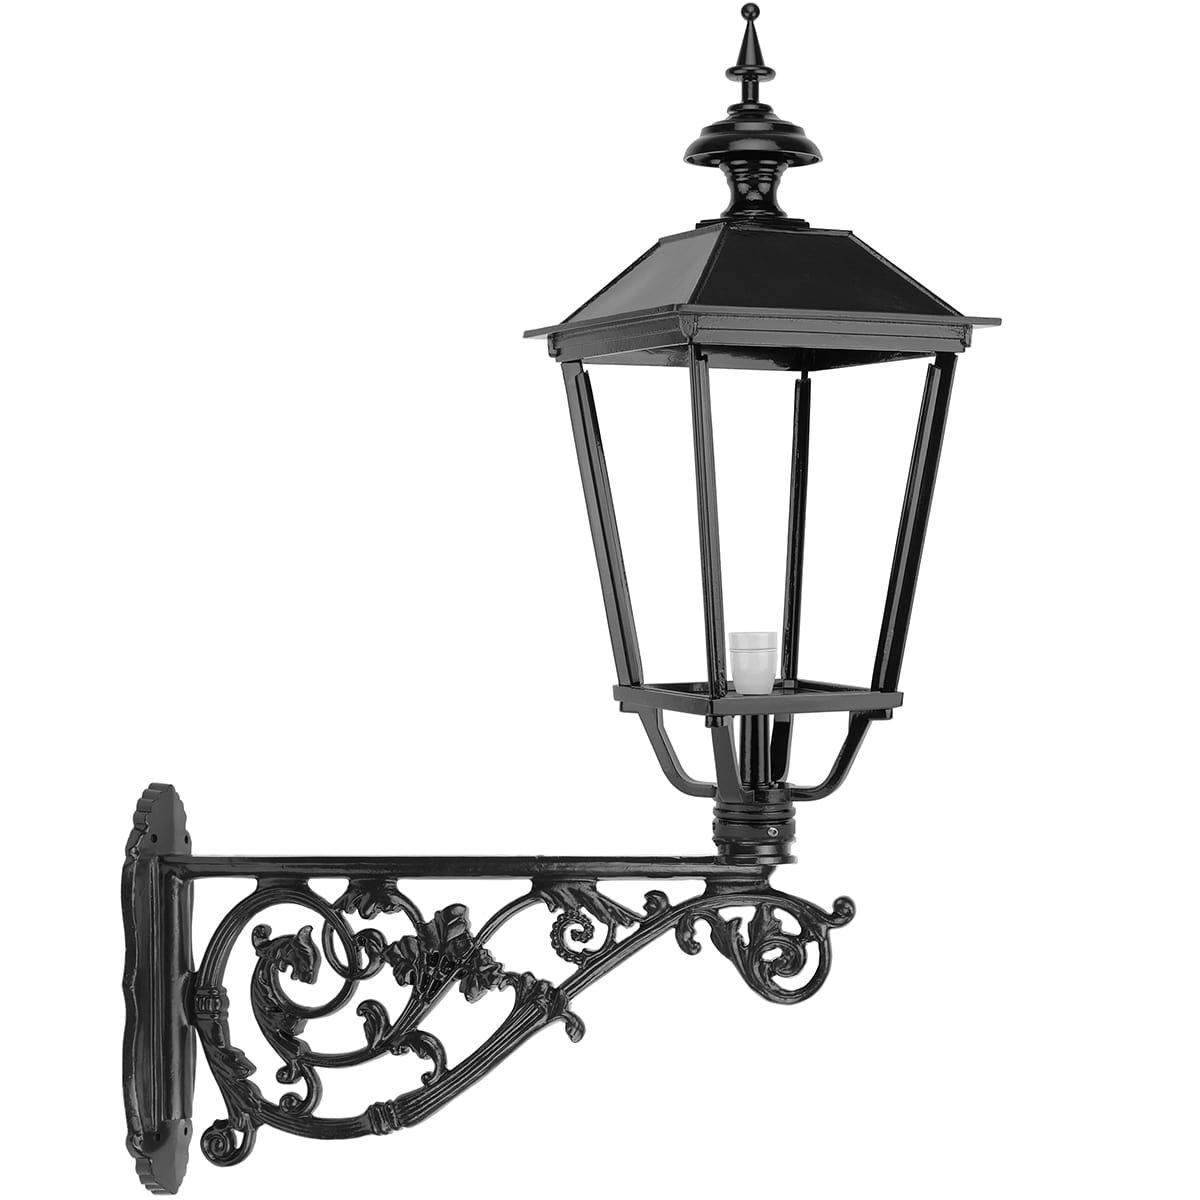 Außenbeleuchtung Klassisch Ländlich Schlosslampe draußen Castelré - 134 cm